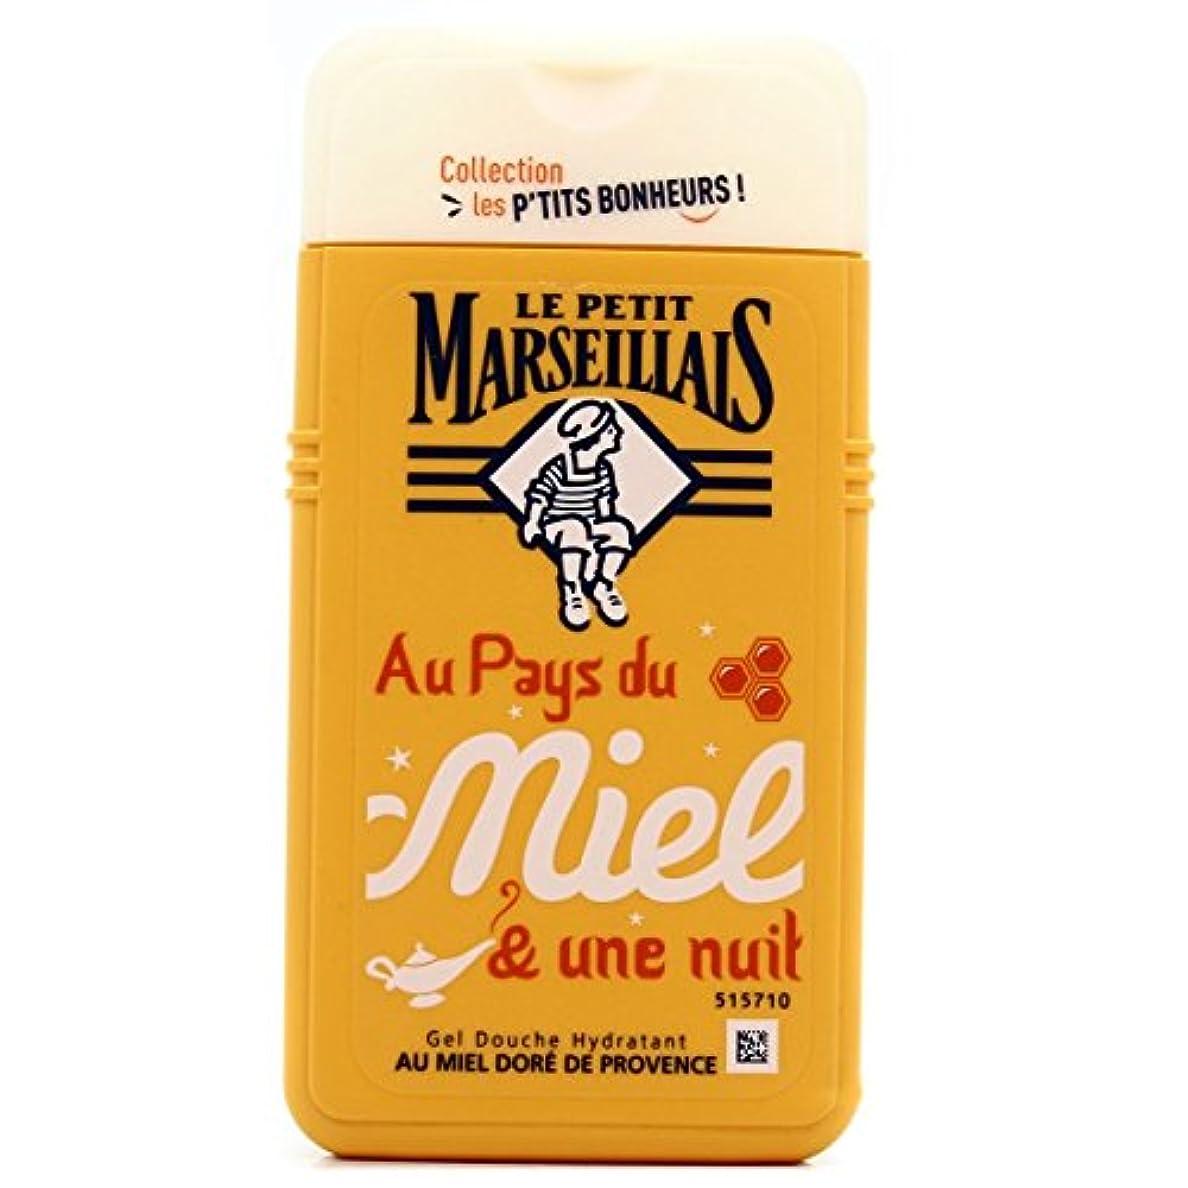 小切手詩人国家ル?プティ?マルセイユ (Le Petit Marseillais)les P'TITS BONHEURS はちみつ シャワージェル ボディウォッシュ 250ml